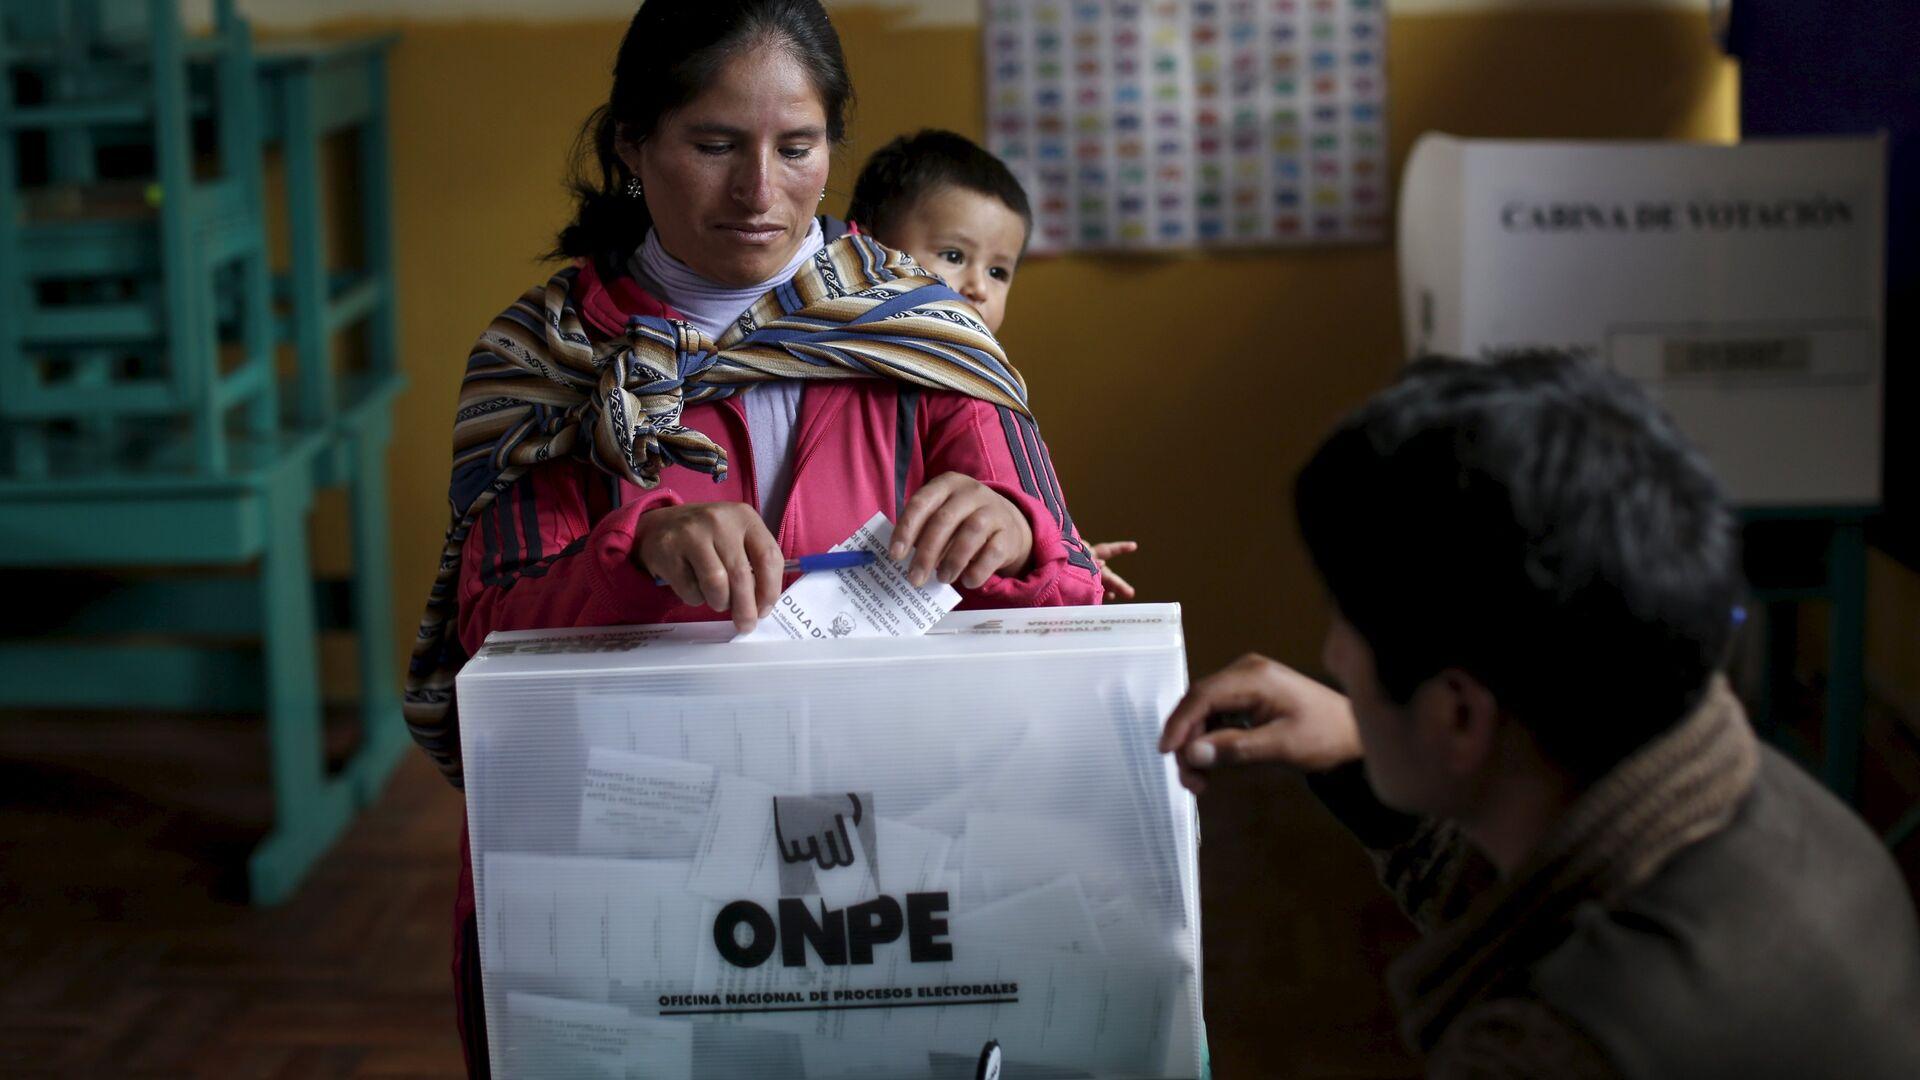 Elecciones en Perú (Archivo) - Sputnik Mundo, 1920, 26.05.2021